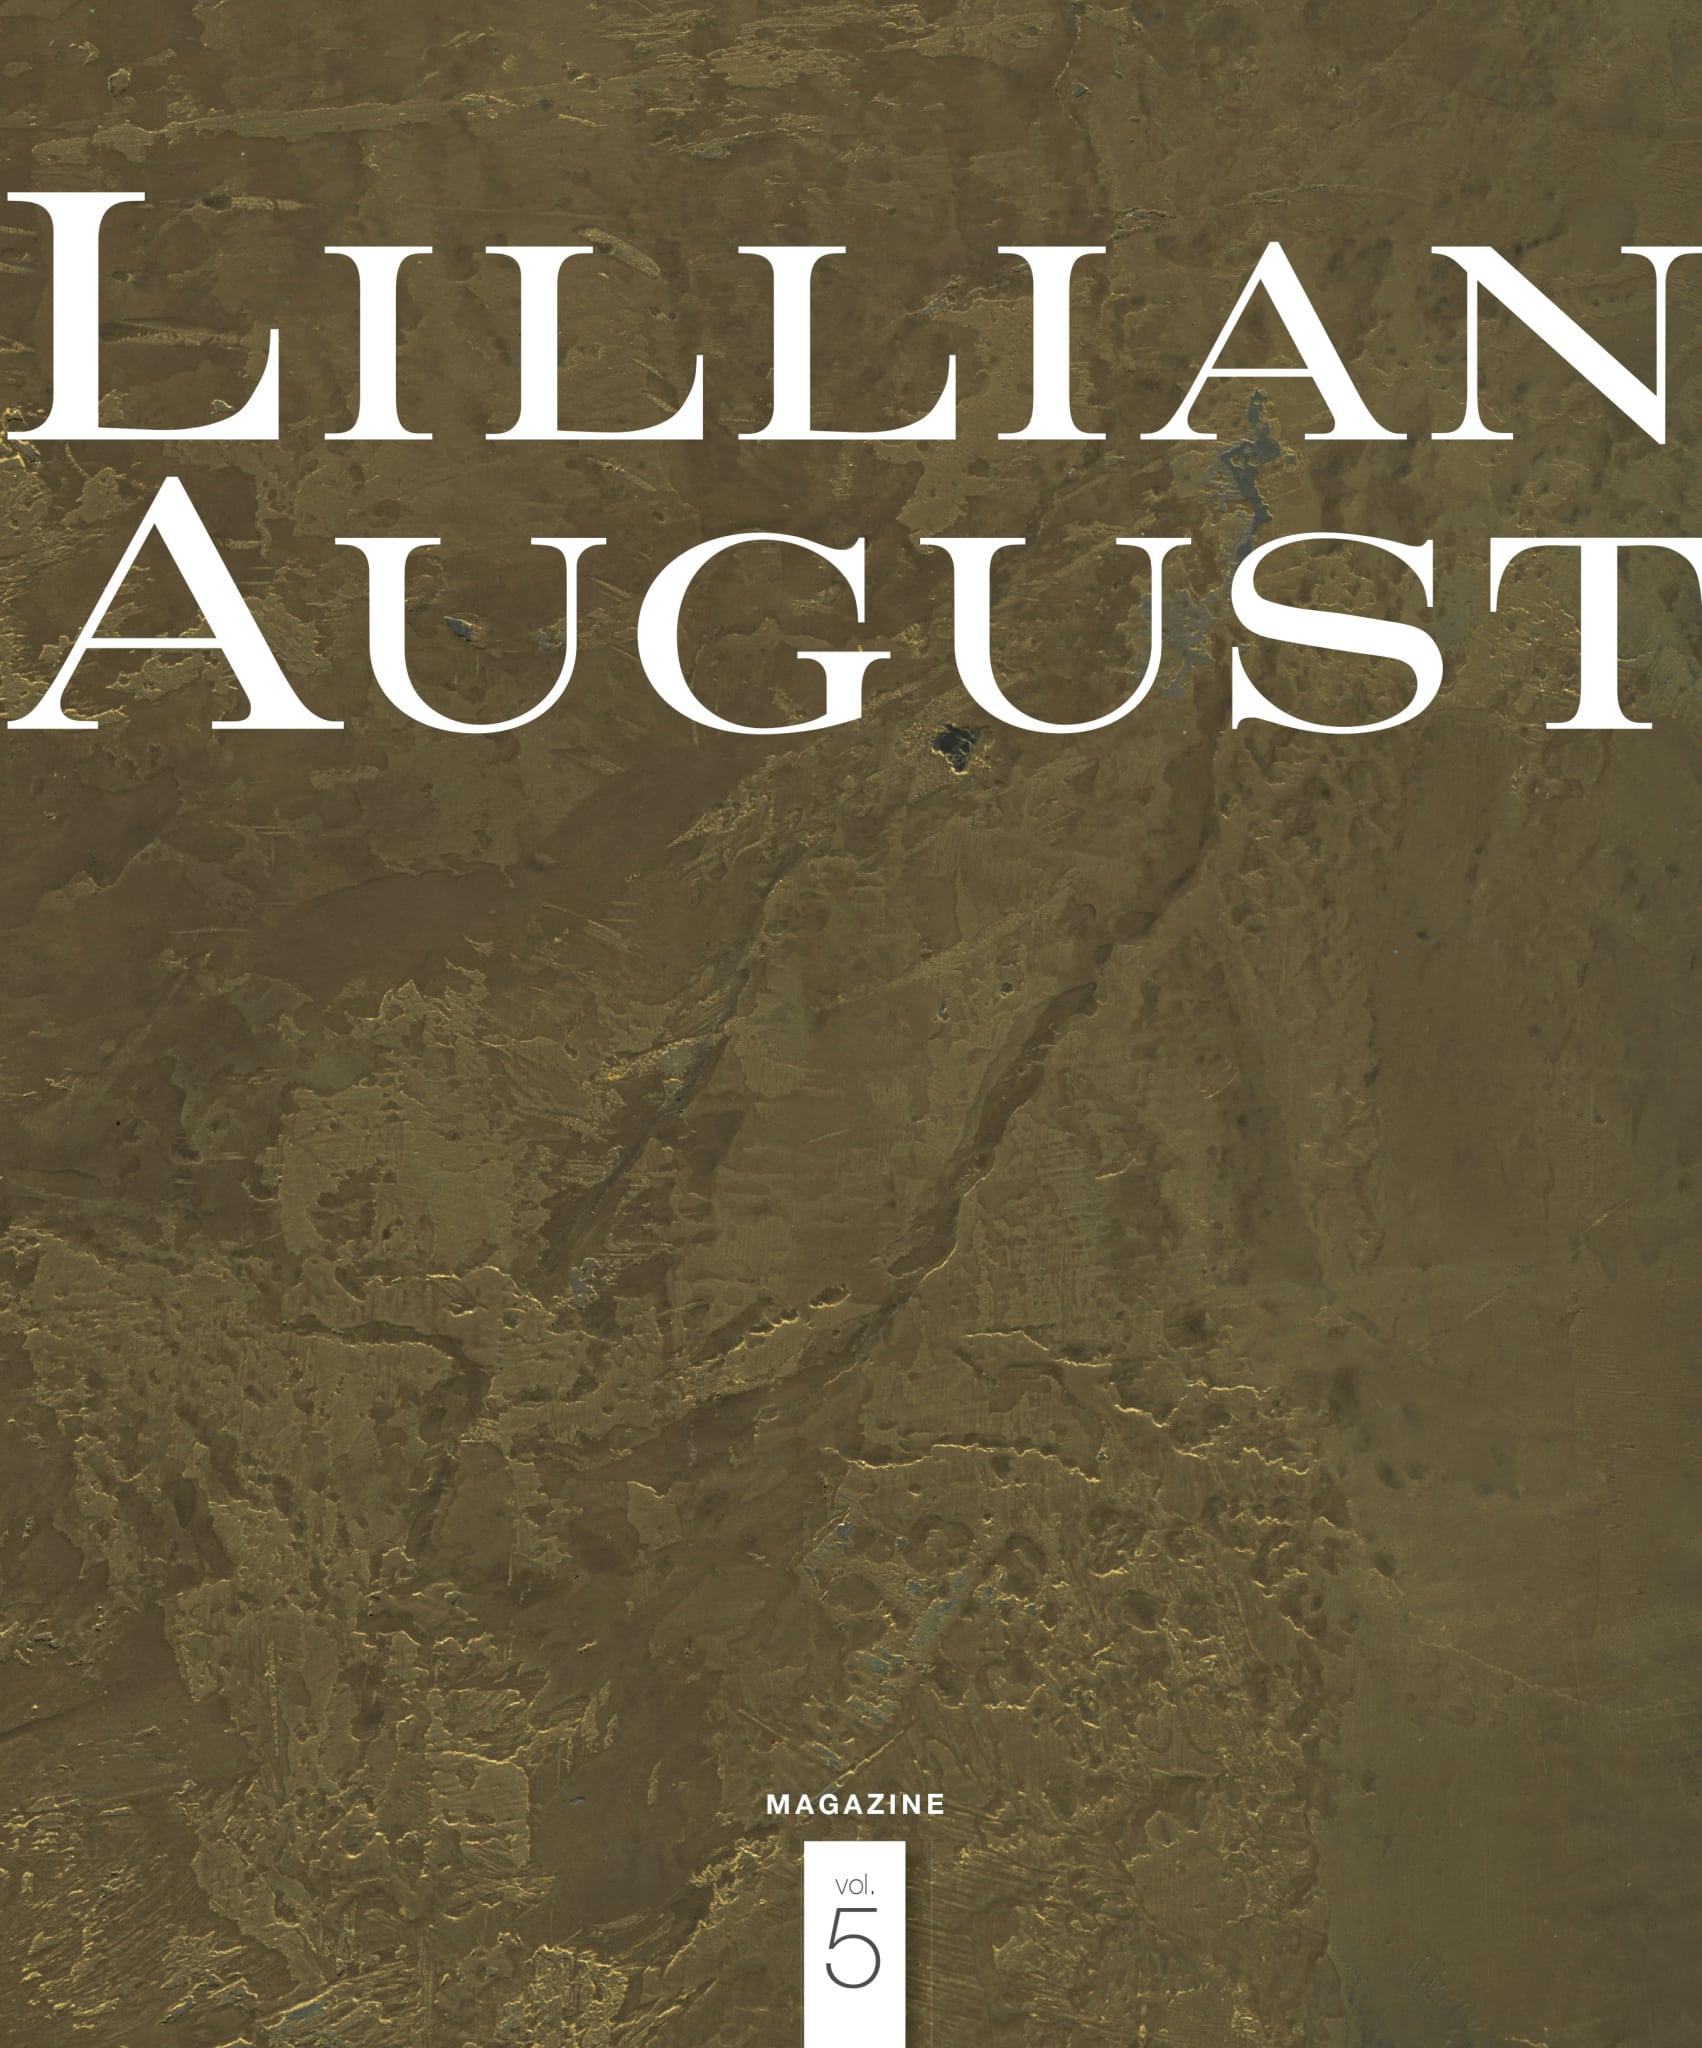 LILLIAN AUGUST_Custom_One Shot